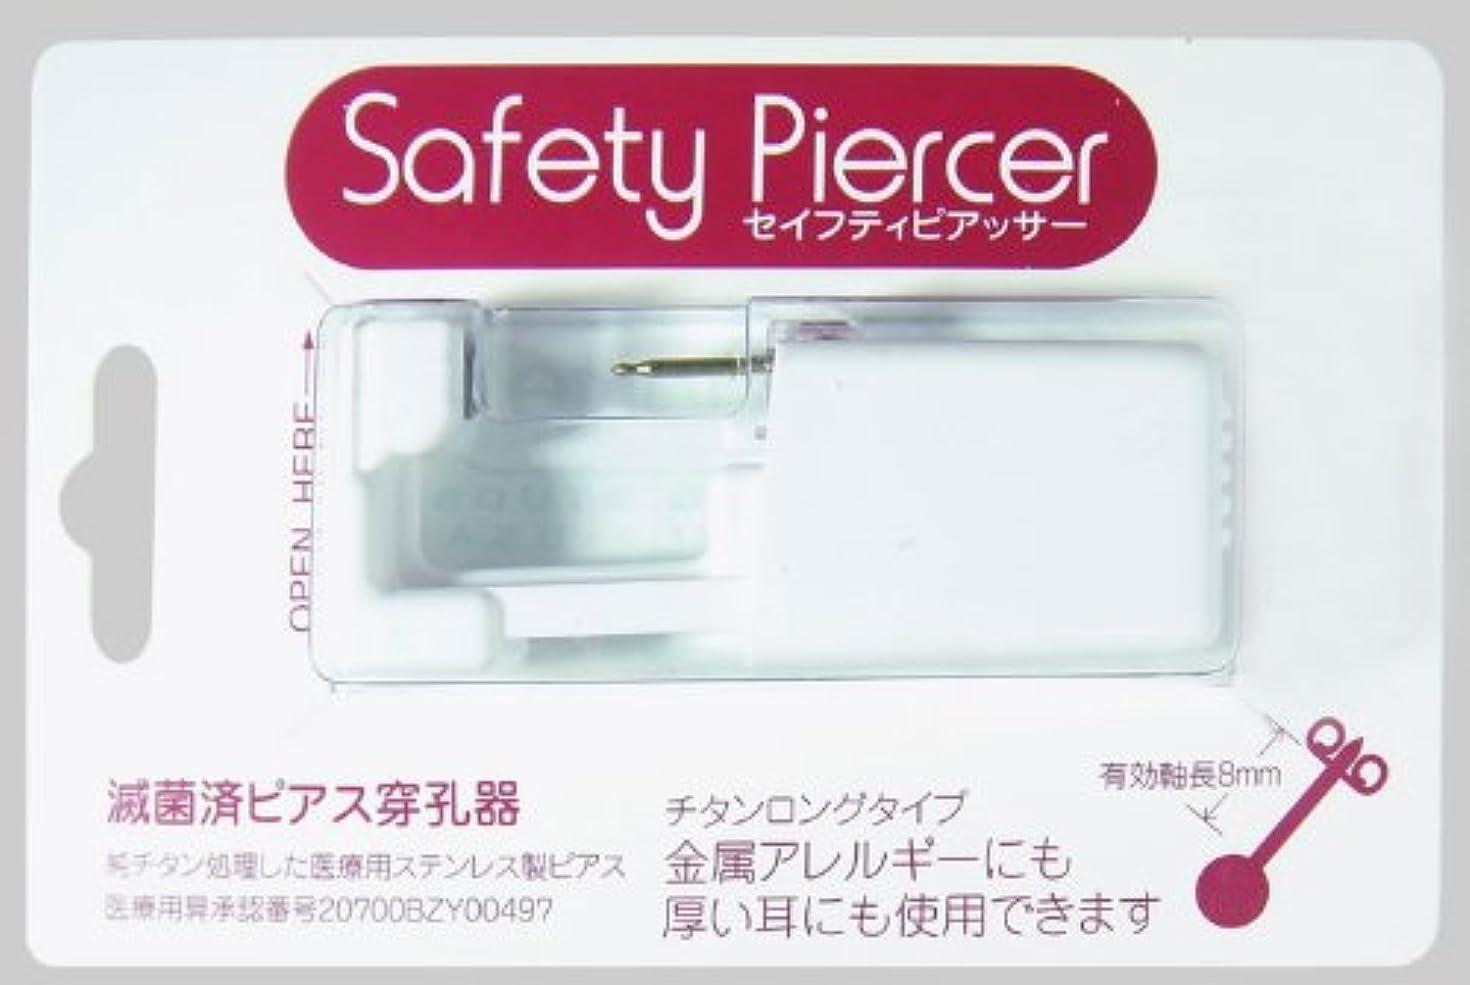 セイフティピアッサー シャンパンカラー (純チタン処理) 3mm アレキサンドライト色 5M106ZL